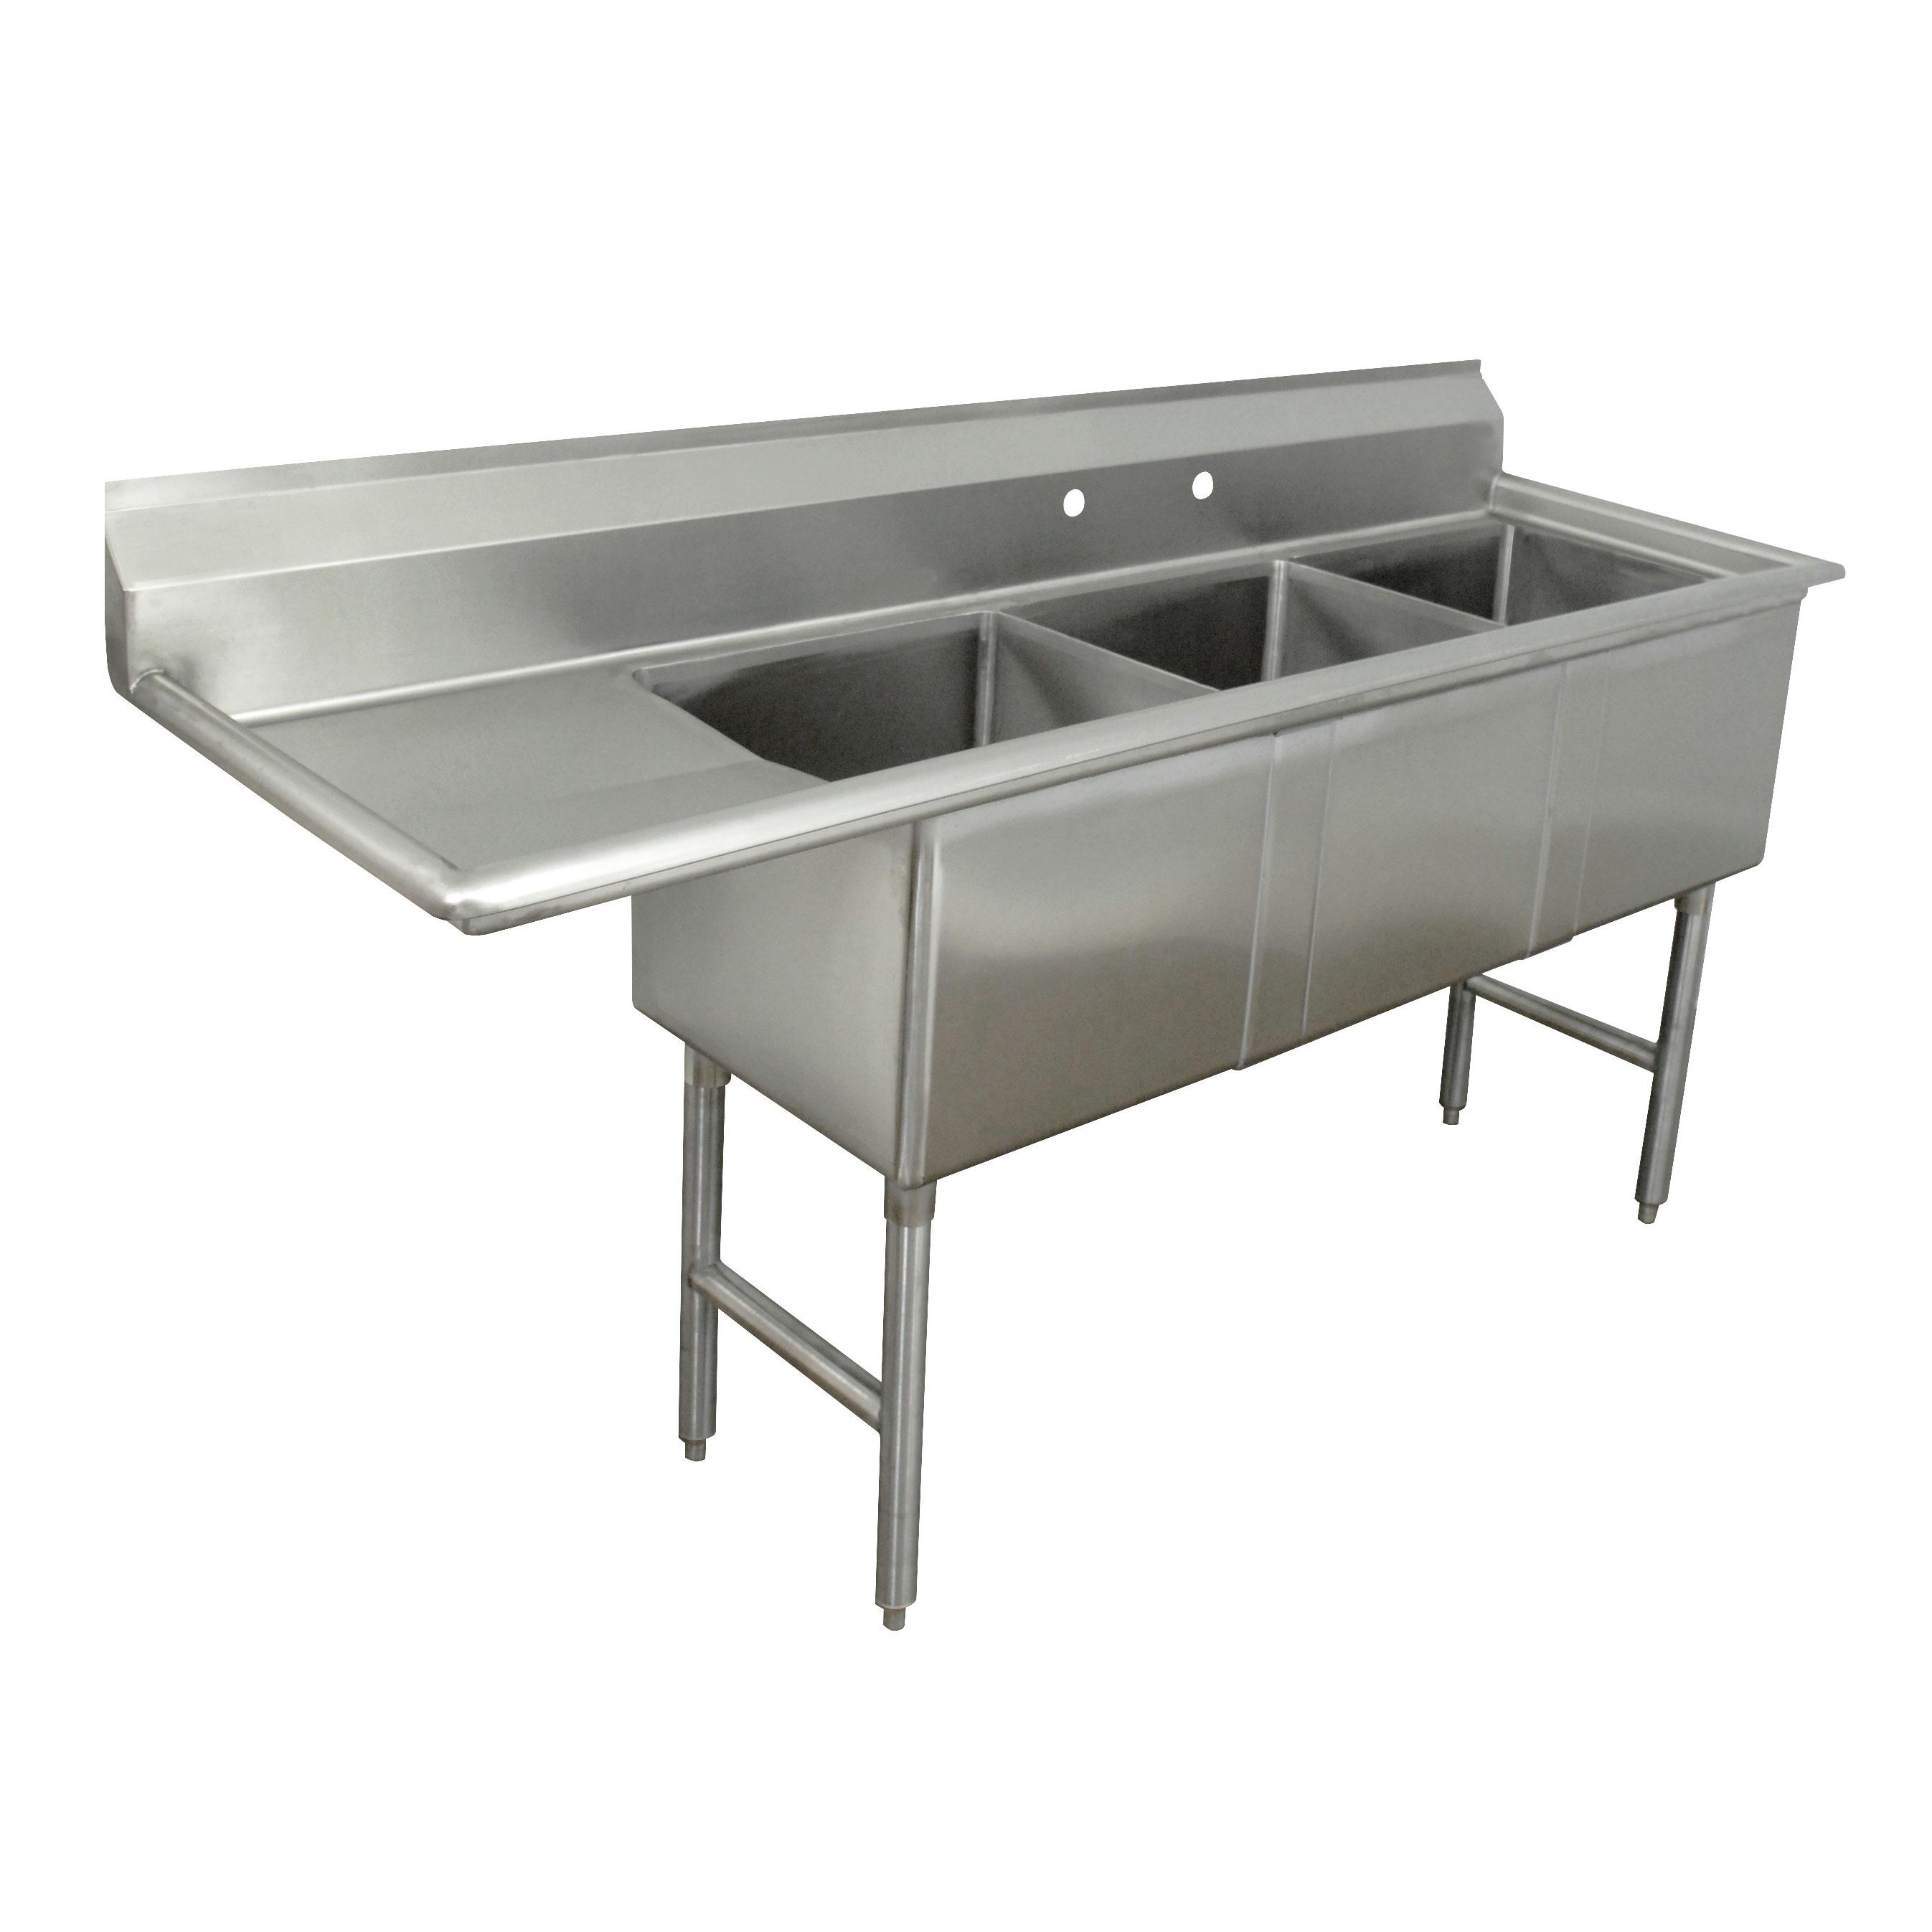 Advance Tabco FC-3-1824-18L-X sink, (3) three compartment